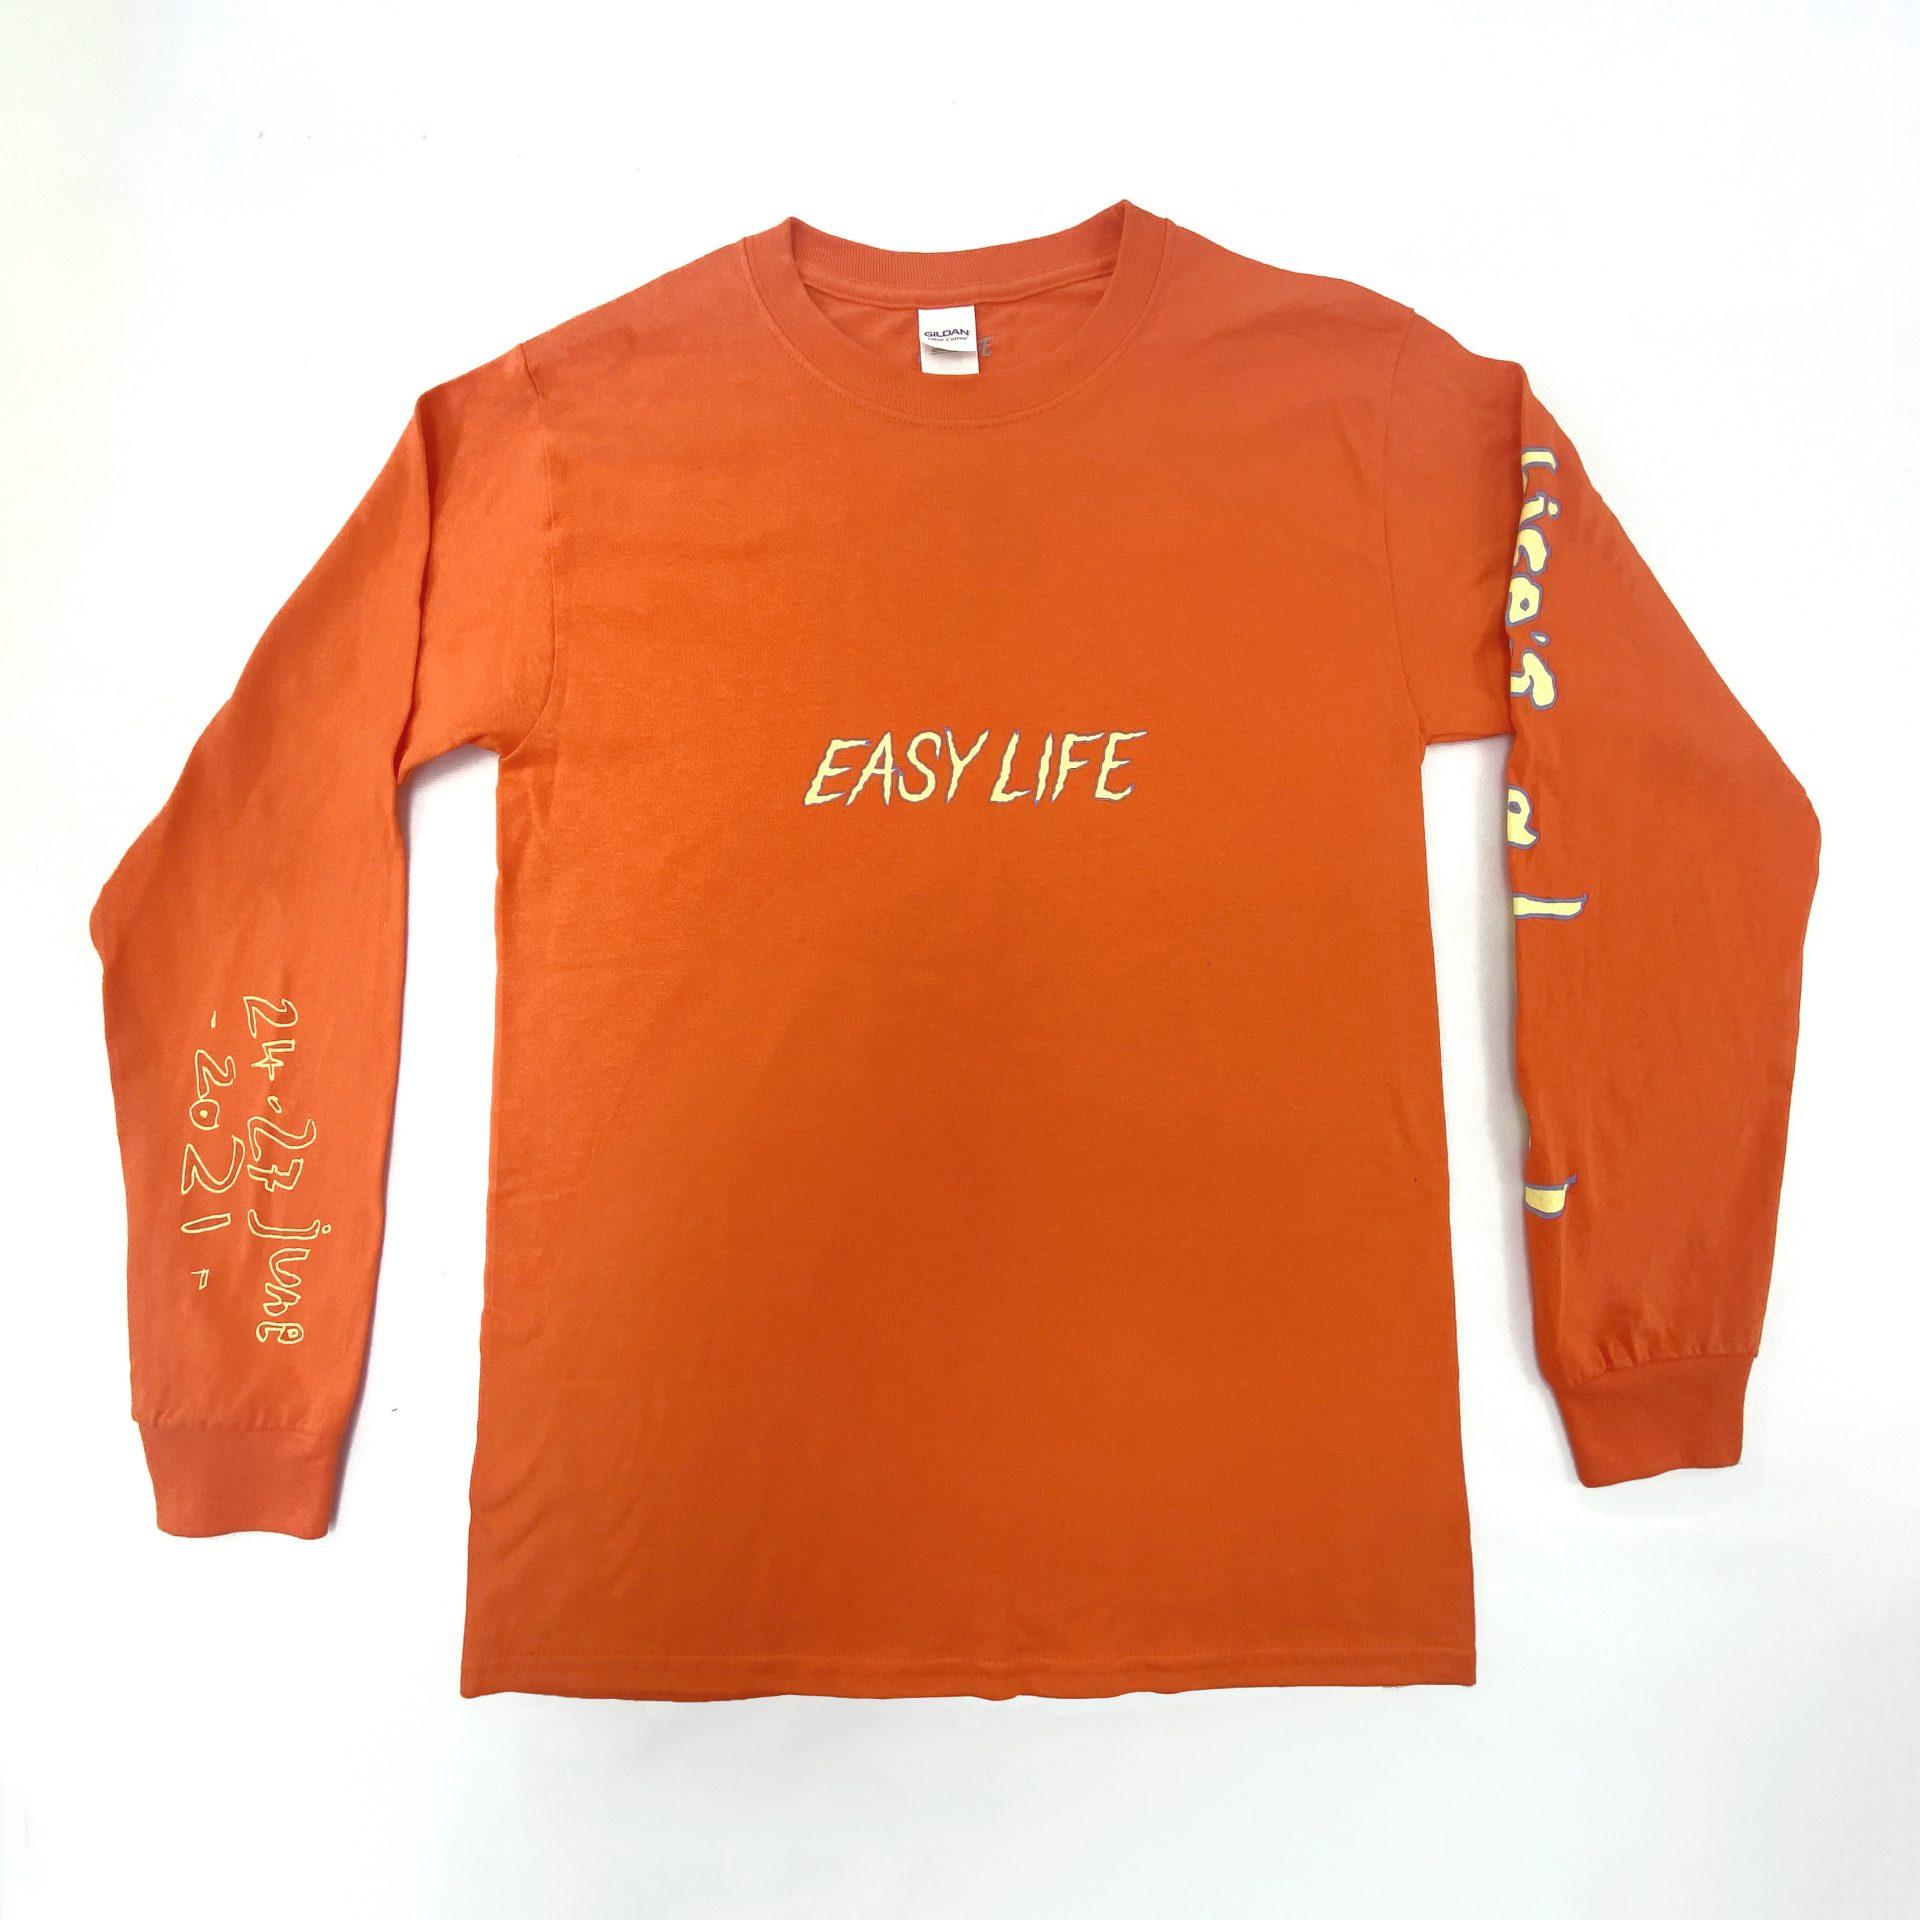 Orange Easy Life screen prnted apparel using water based inks